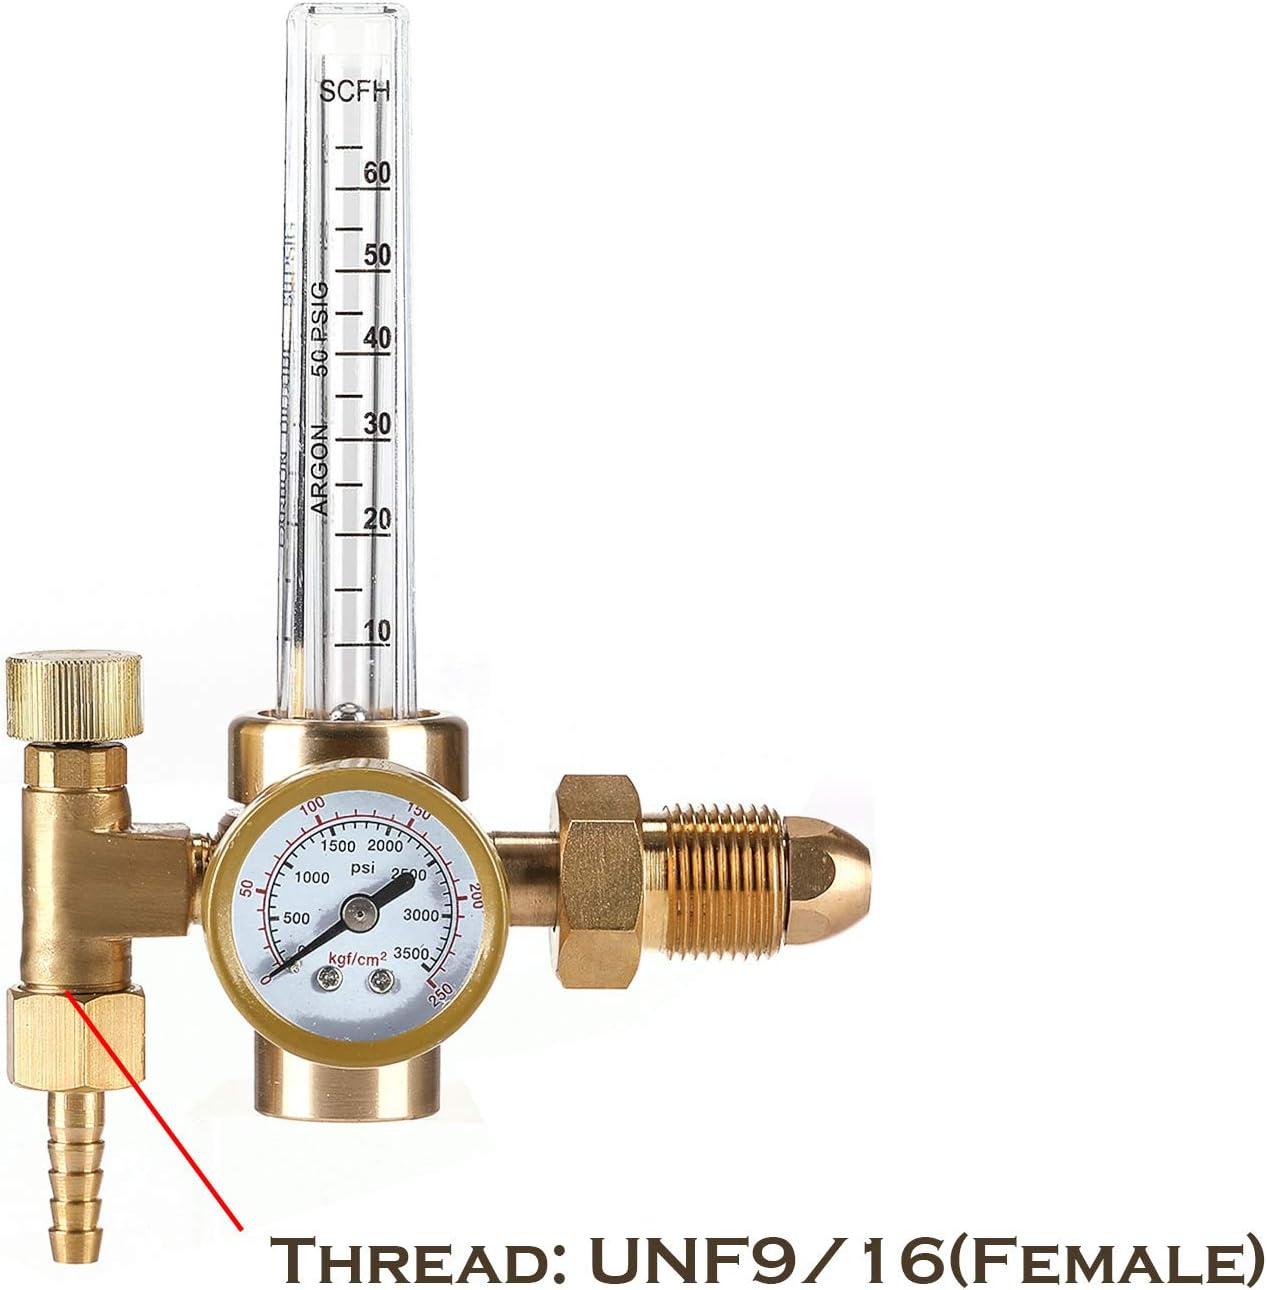 Argon CO2 Mig Tig Flow Meter Welding Regulator with Flowmeter CGA580 CGA-580